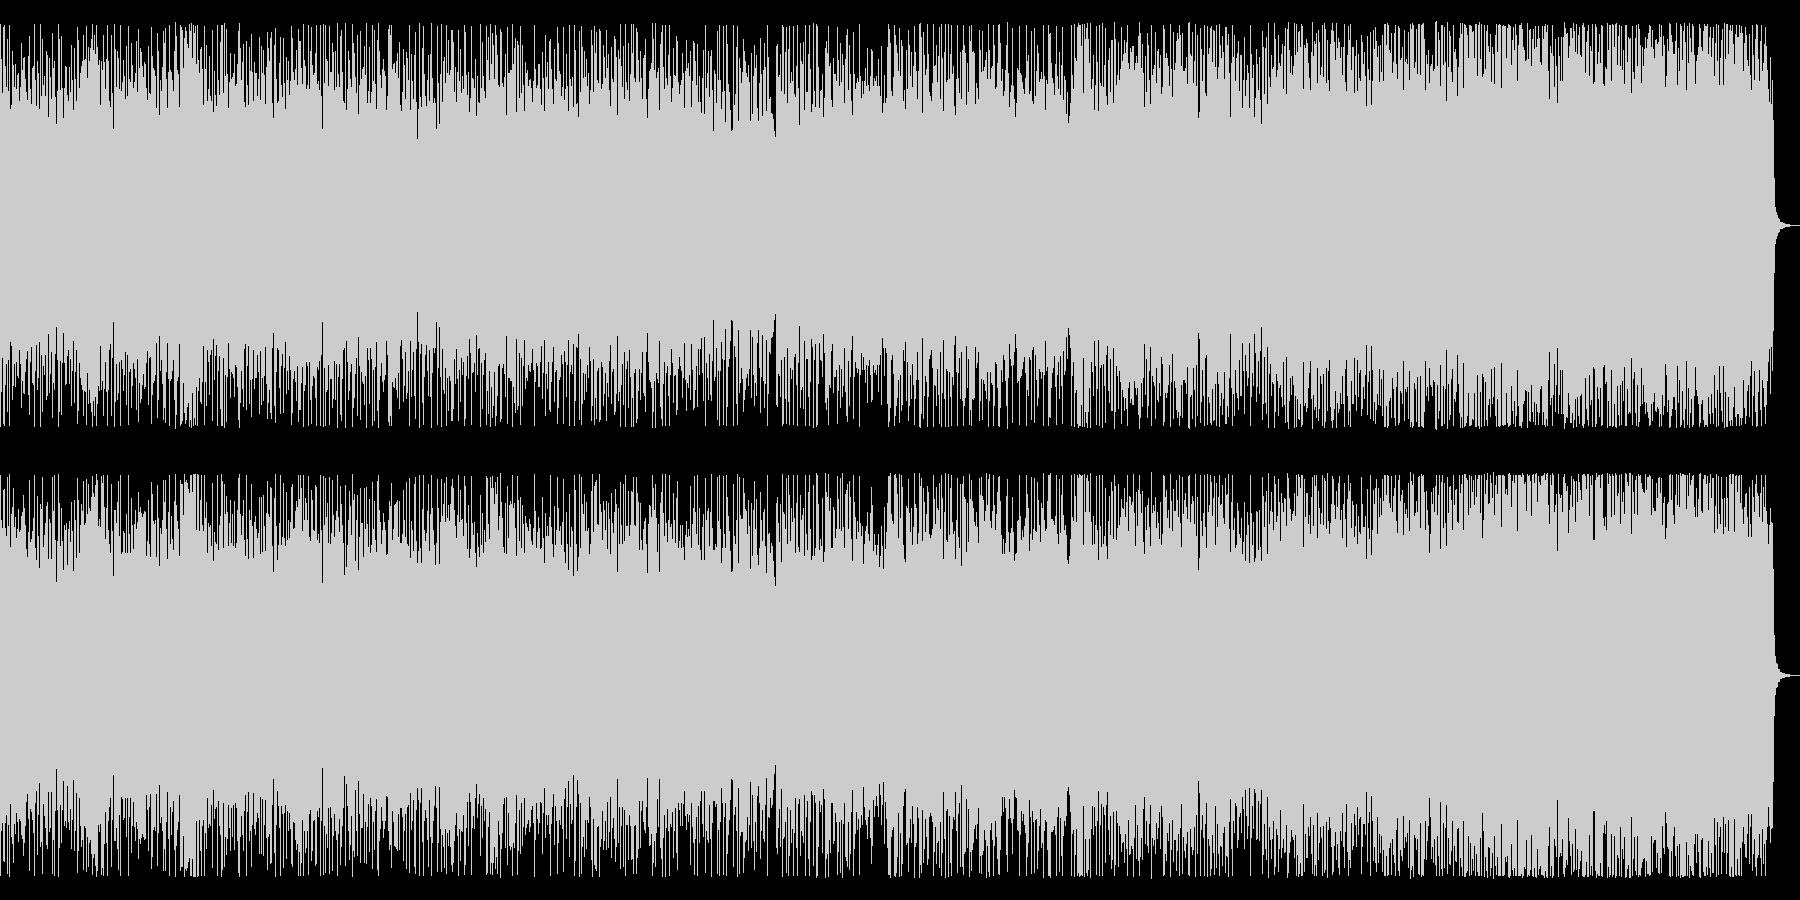 スピードメタル戦闘曲 リフバッキング主体の未再生の波形